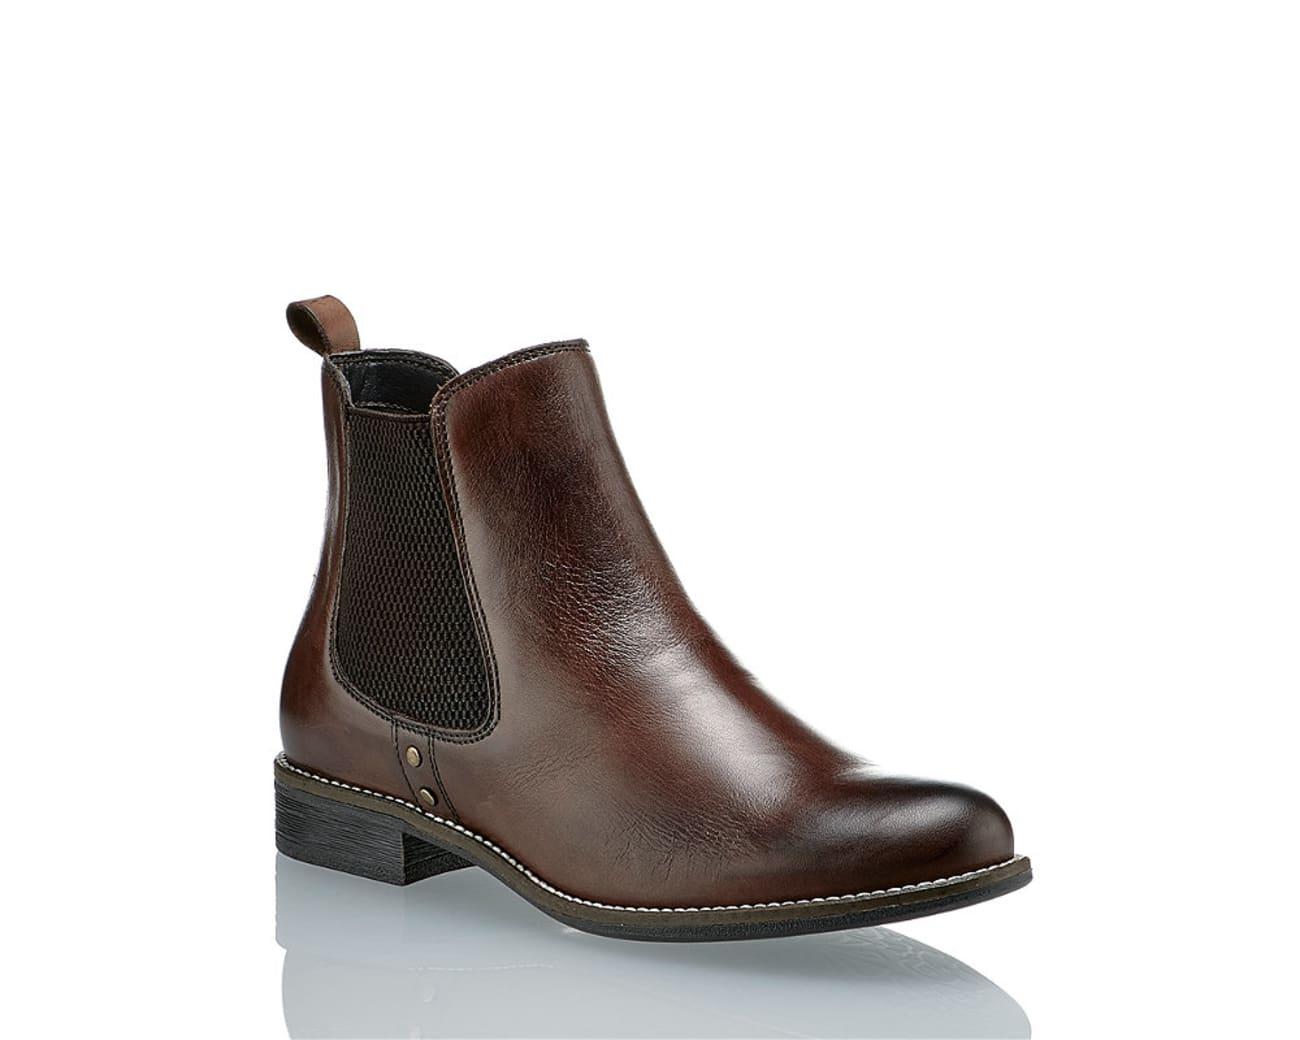 b8a138f03ee855 Varese Assen Damen Chelsea Boot Braun